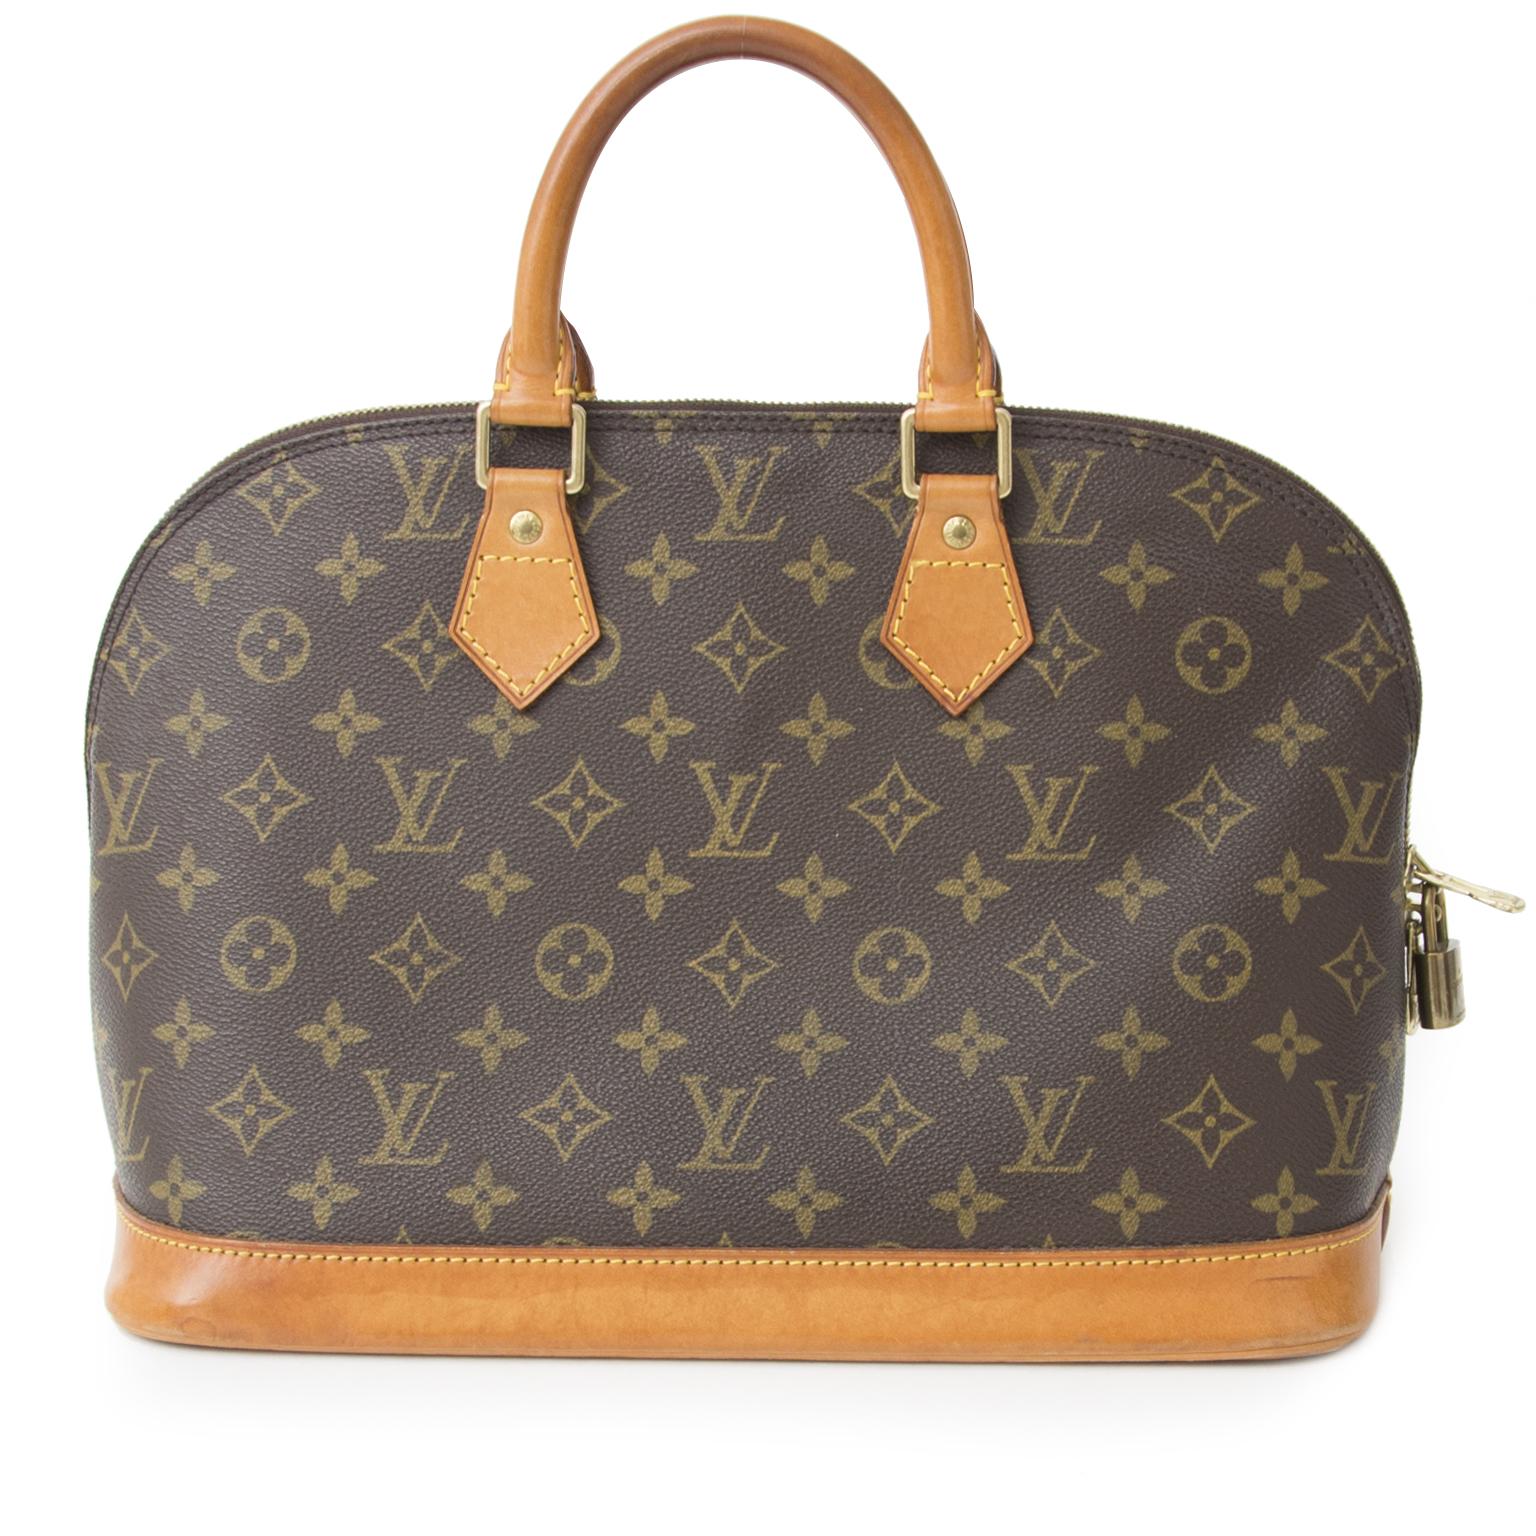 1b4735254dd Veilig online Authentieke Louis Vuitton Monogram Alma voor de juiste prijs  bij LabelLOV vintage webshop. Veilig online